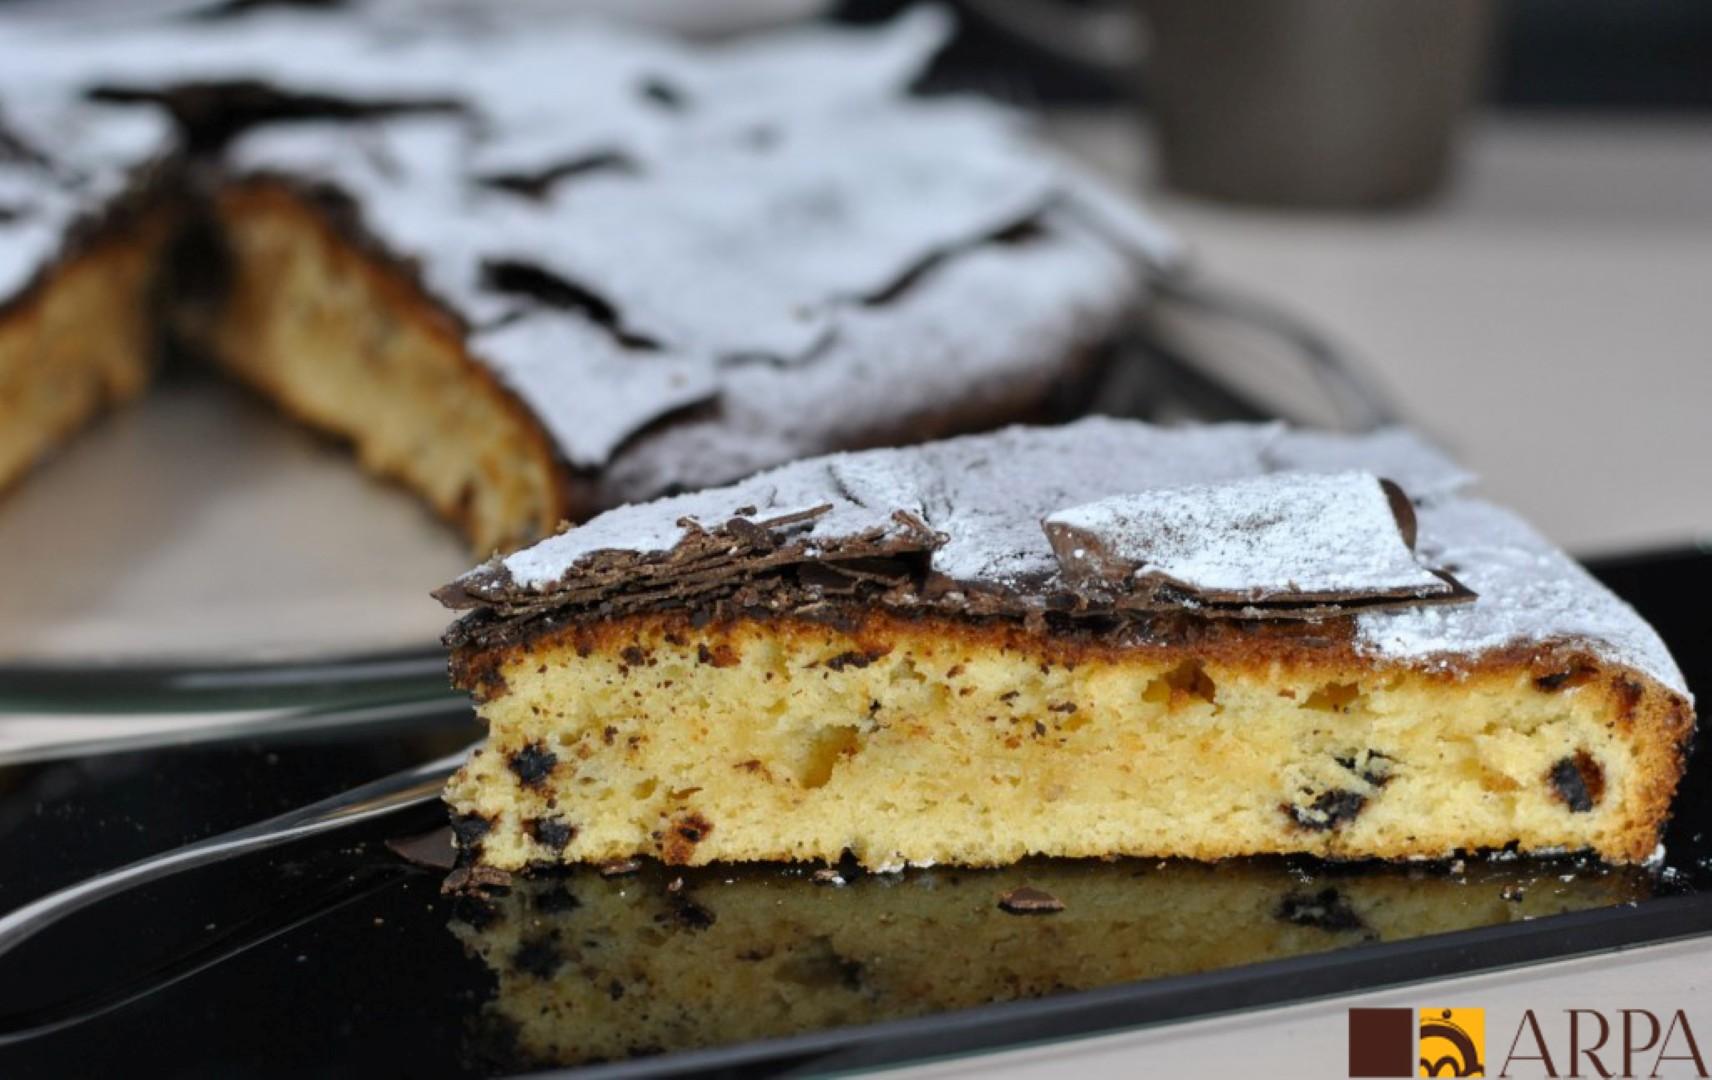 Tarta de bizcocho con perlas de chocolate cubierto de láminas de chocolate y azúcar glass